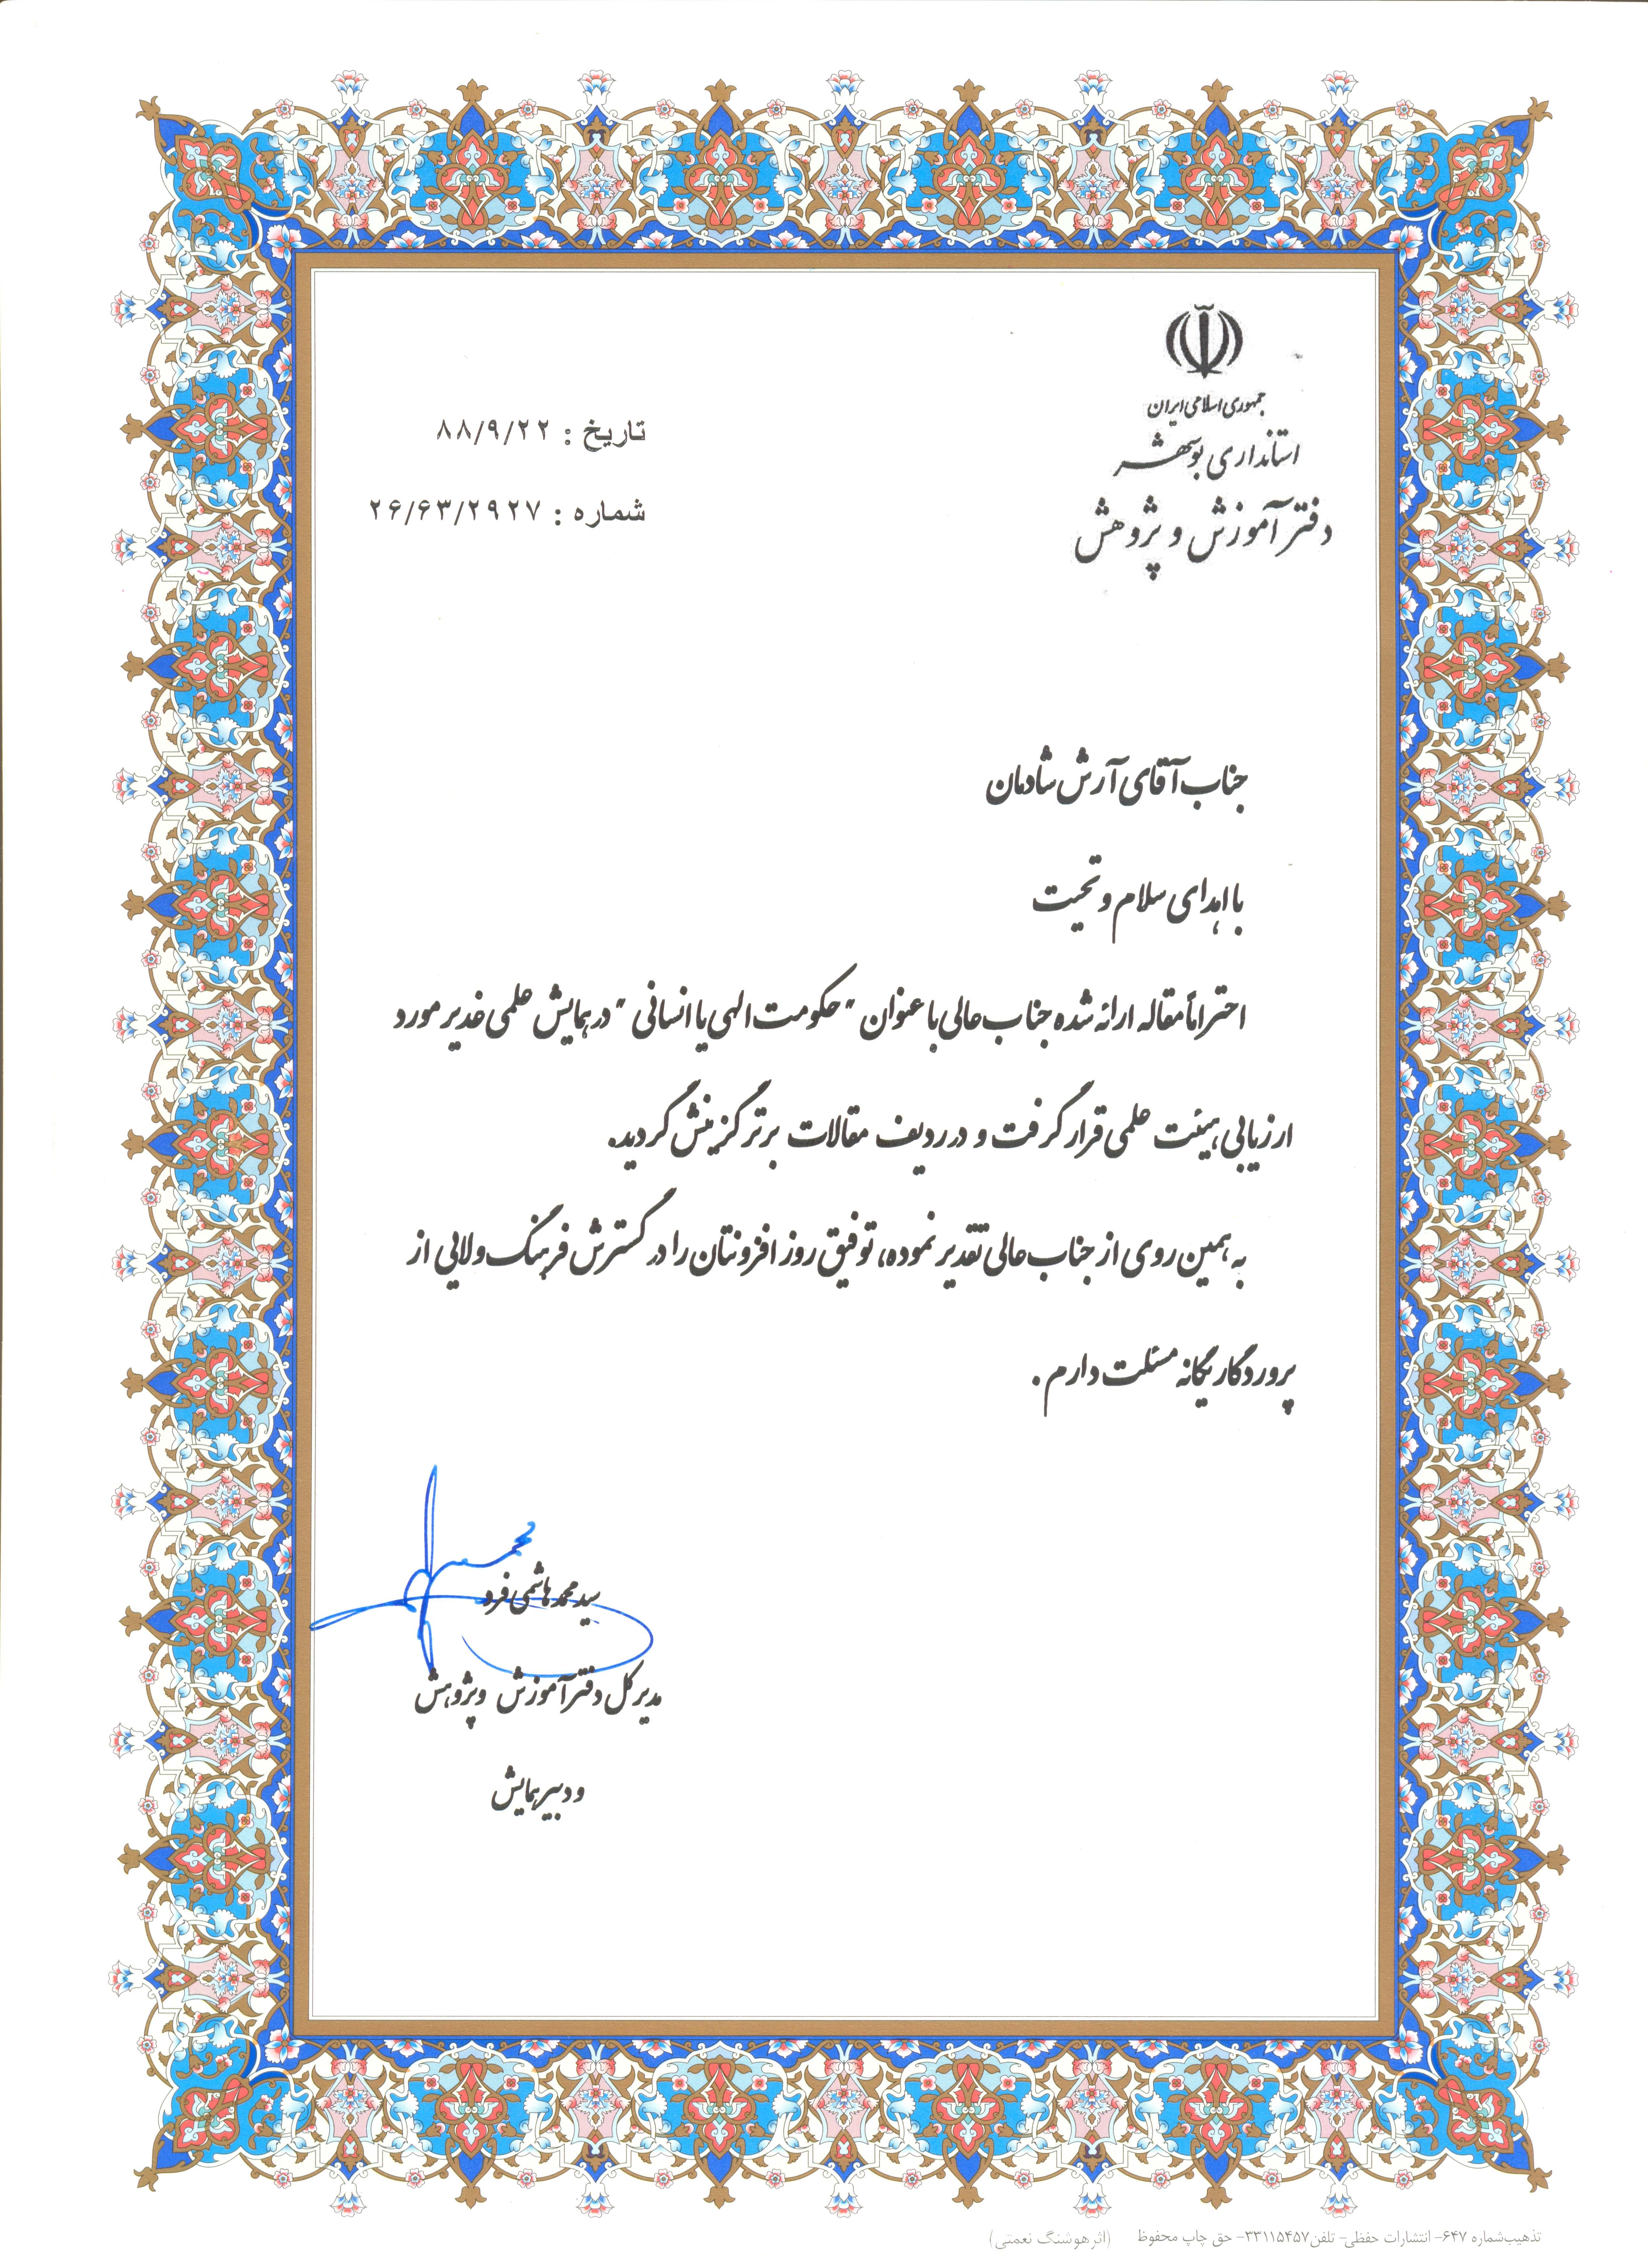 متن تشکر از میزبان جهت مهمانی cebaz.info